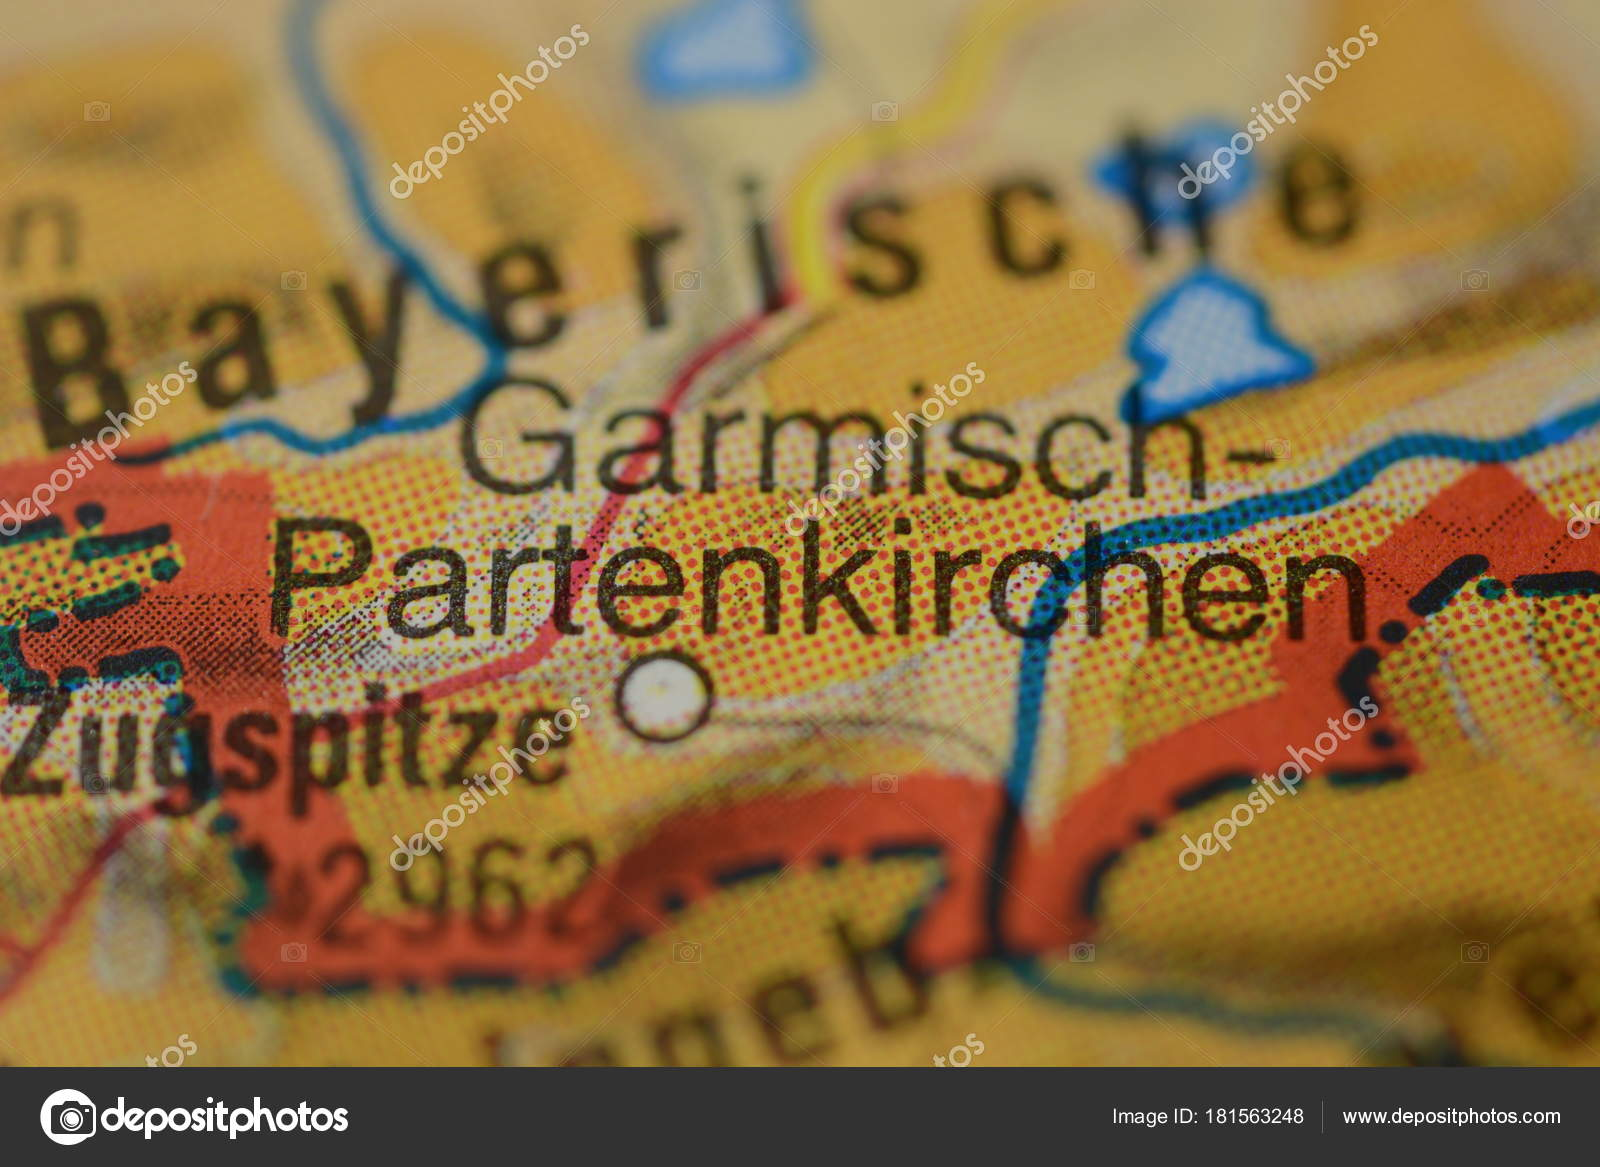 babenhausen map, cortina d'ampezzo map, magdeburg map, berchtesgaden map, landstuhl map, germany map, weimar map, freiburg map, albertville map, rothenburg ob der tauber map, karlsruhe map, europe map, bonn map, garmisch trail map, saxony map, koblenz map, dortmund map, oberammergau map, oslo map, duisburg map, on garmisch partenkirchen map